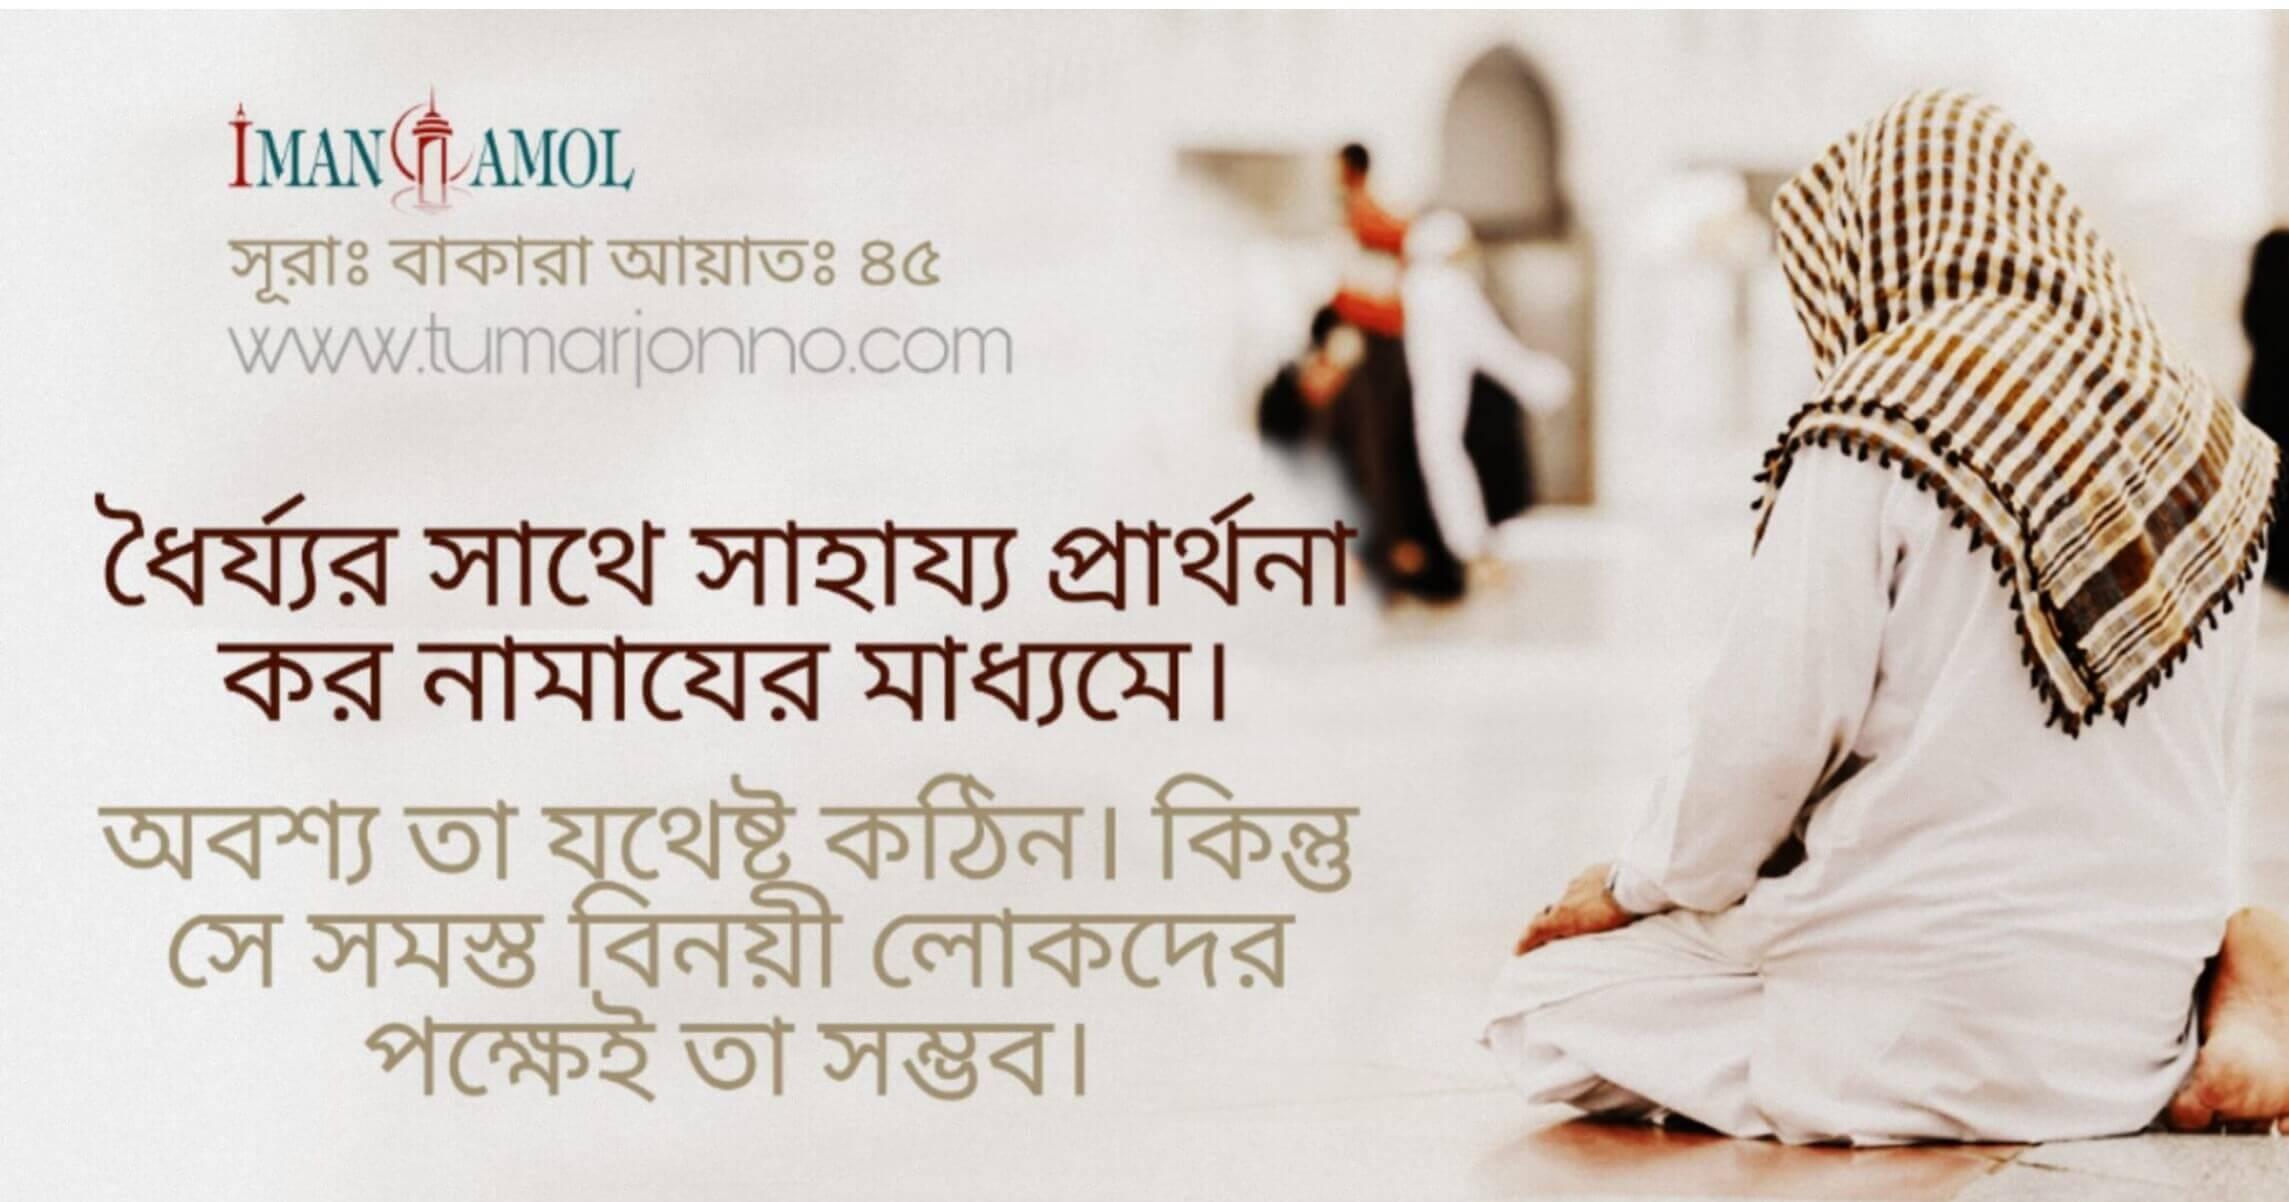 #praye #patience #namaz